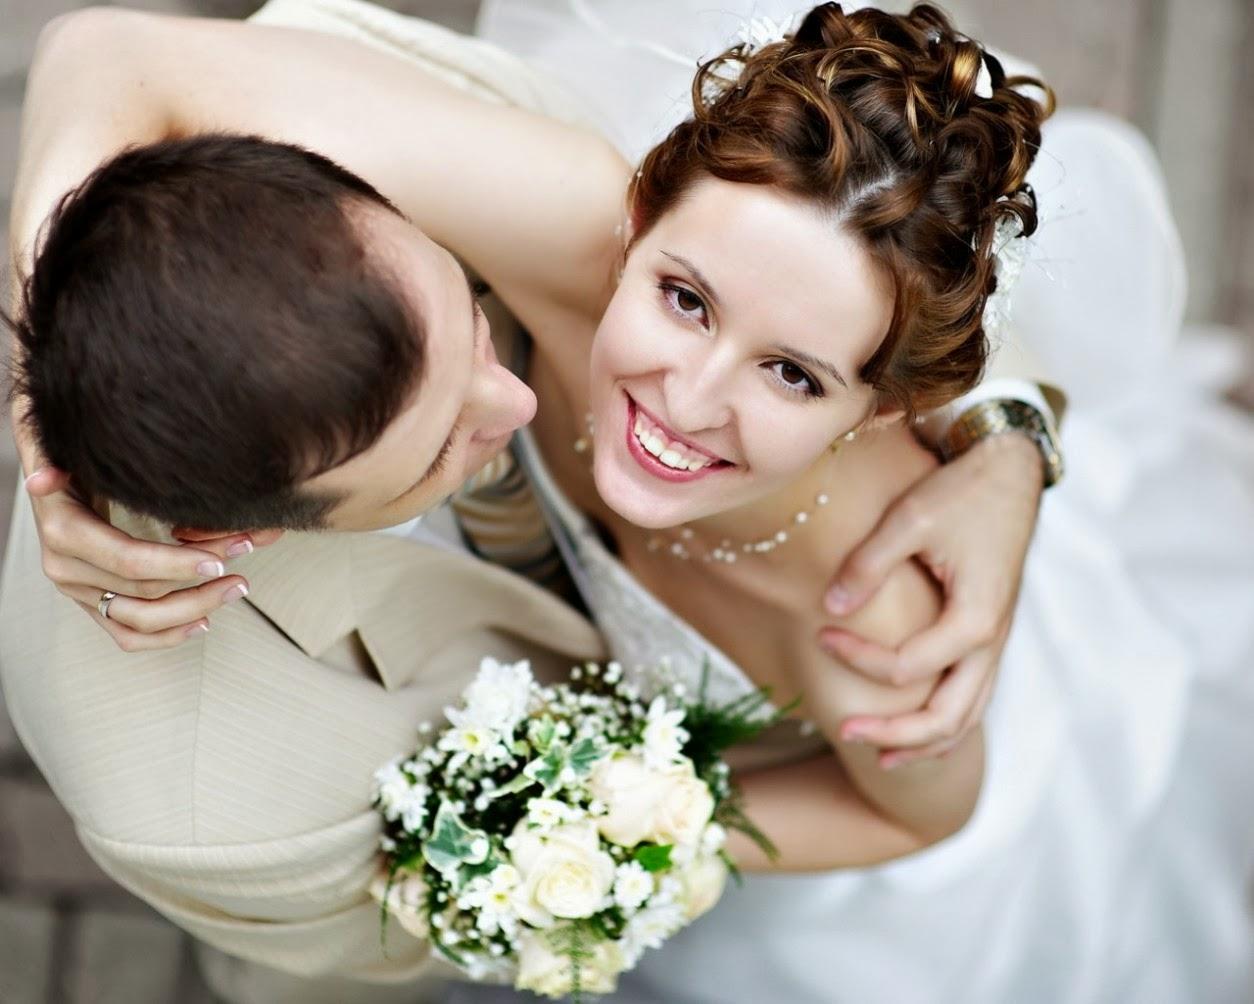 parents_consent_arrange_marriage